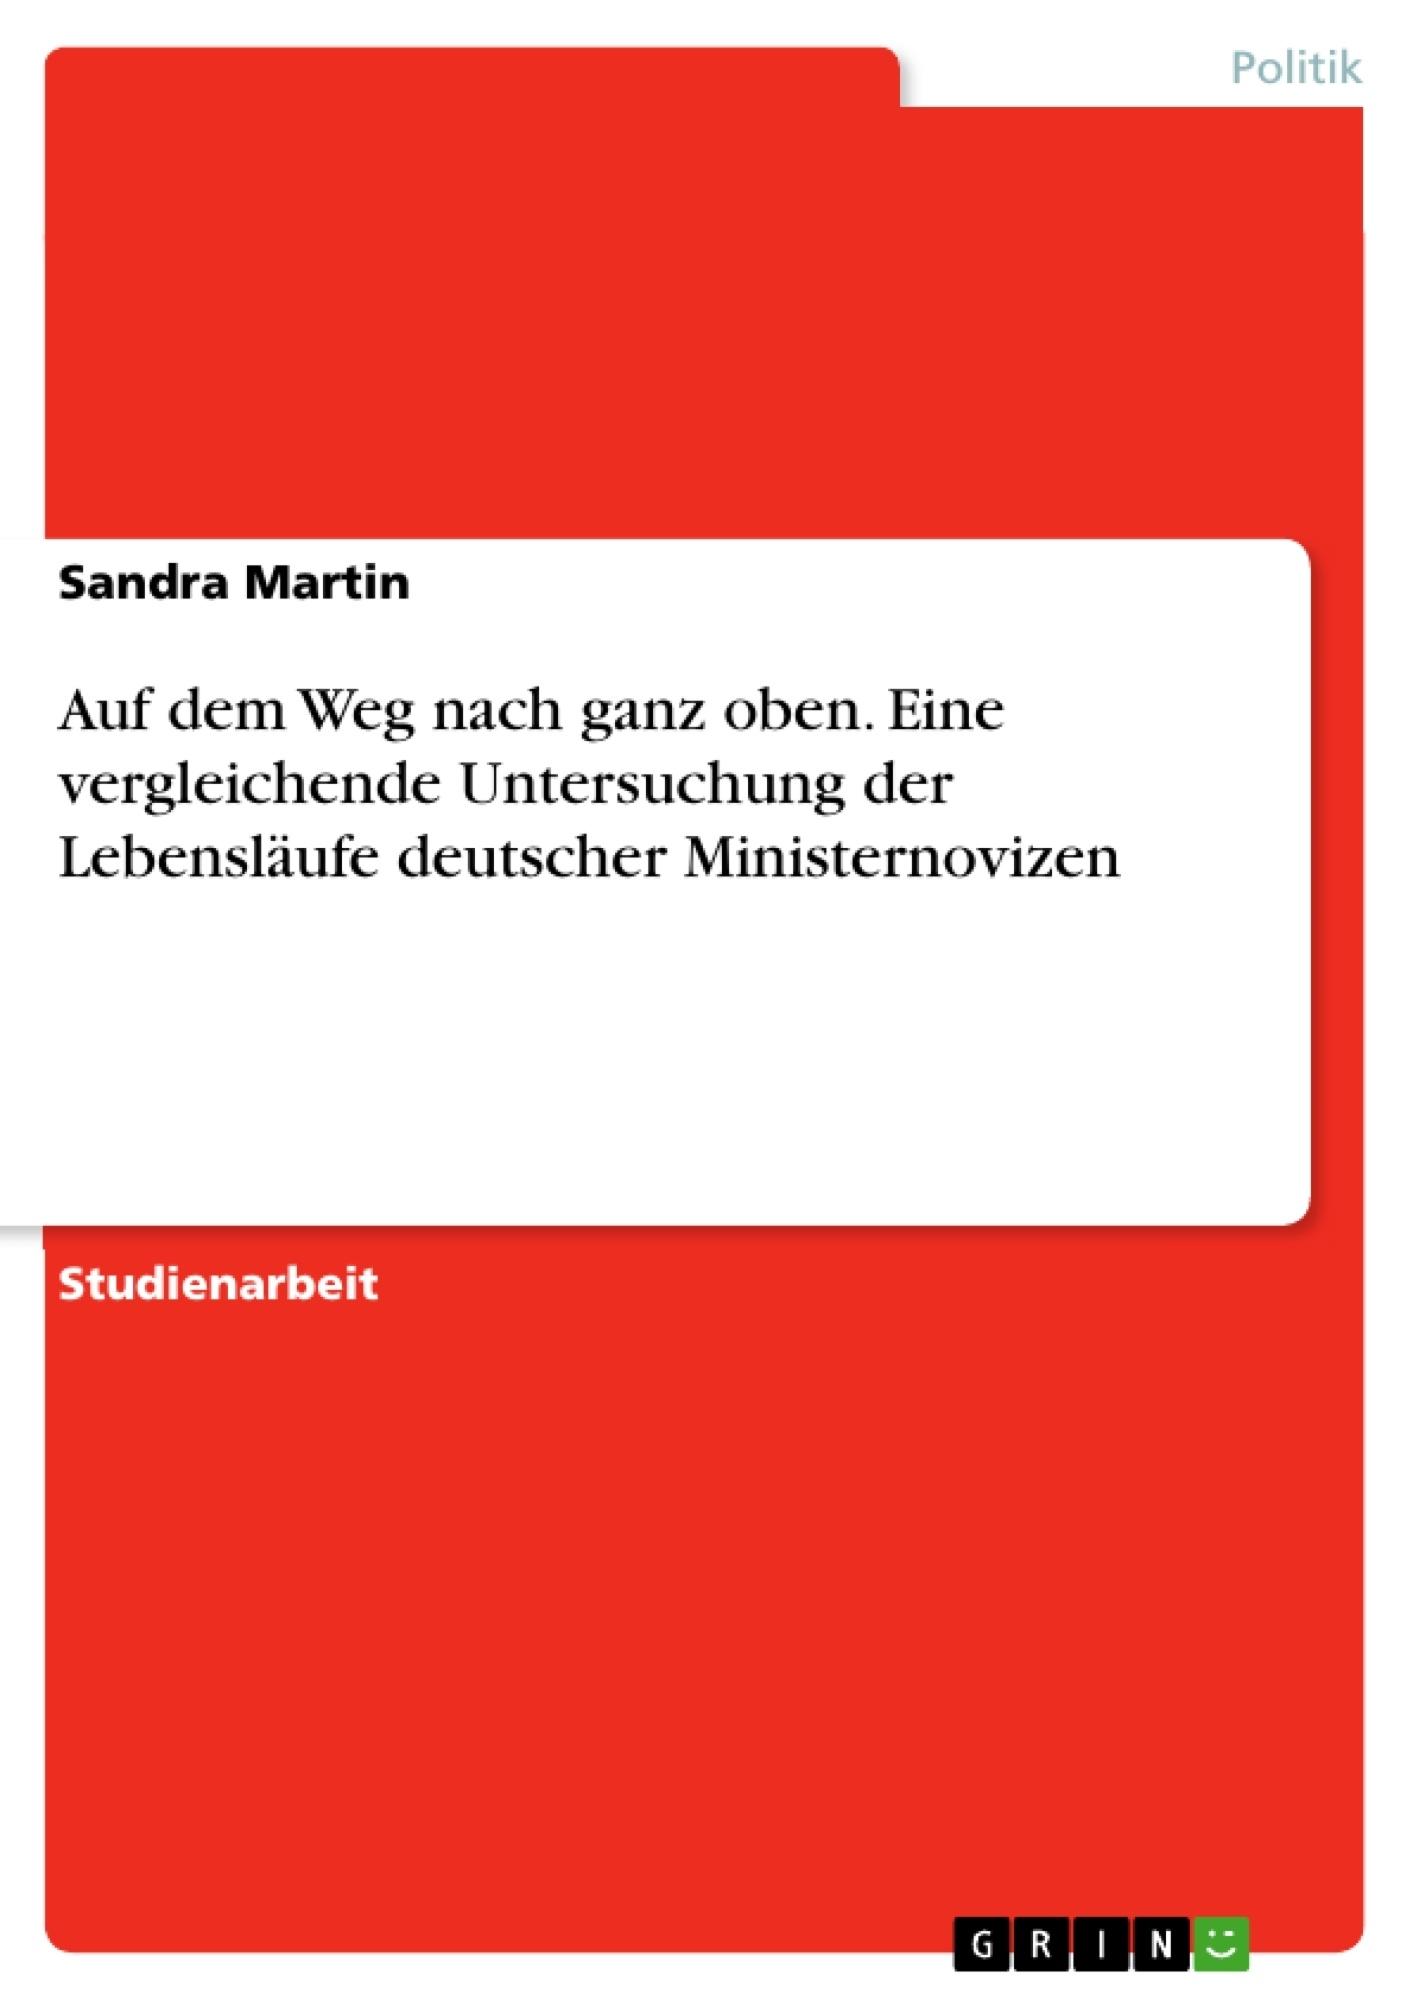 Titel: Auf dem Weg nach ganz oben. Eine vergleichende Untersuchung der Lebensläufe deutscher Ministernovizen